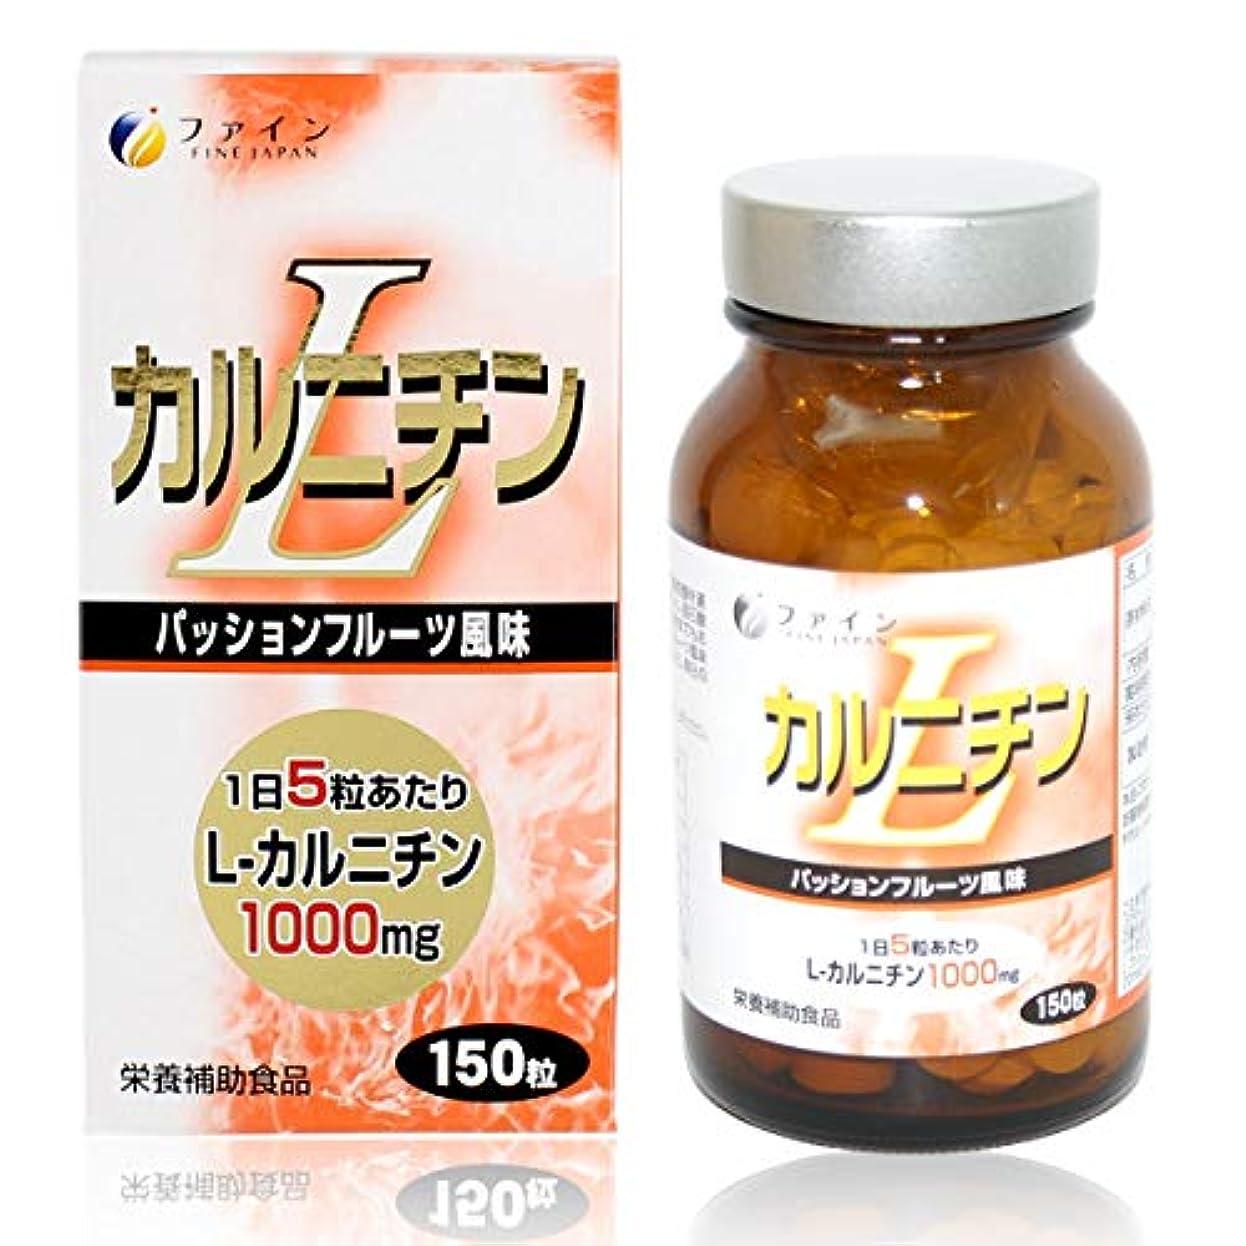 ファイン L-カルニチン 150粒入 ビタミンB1 配合 パッションフルーツ風味